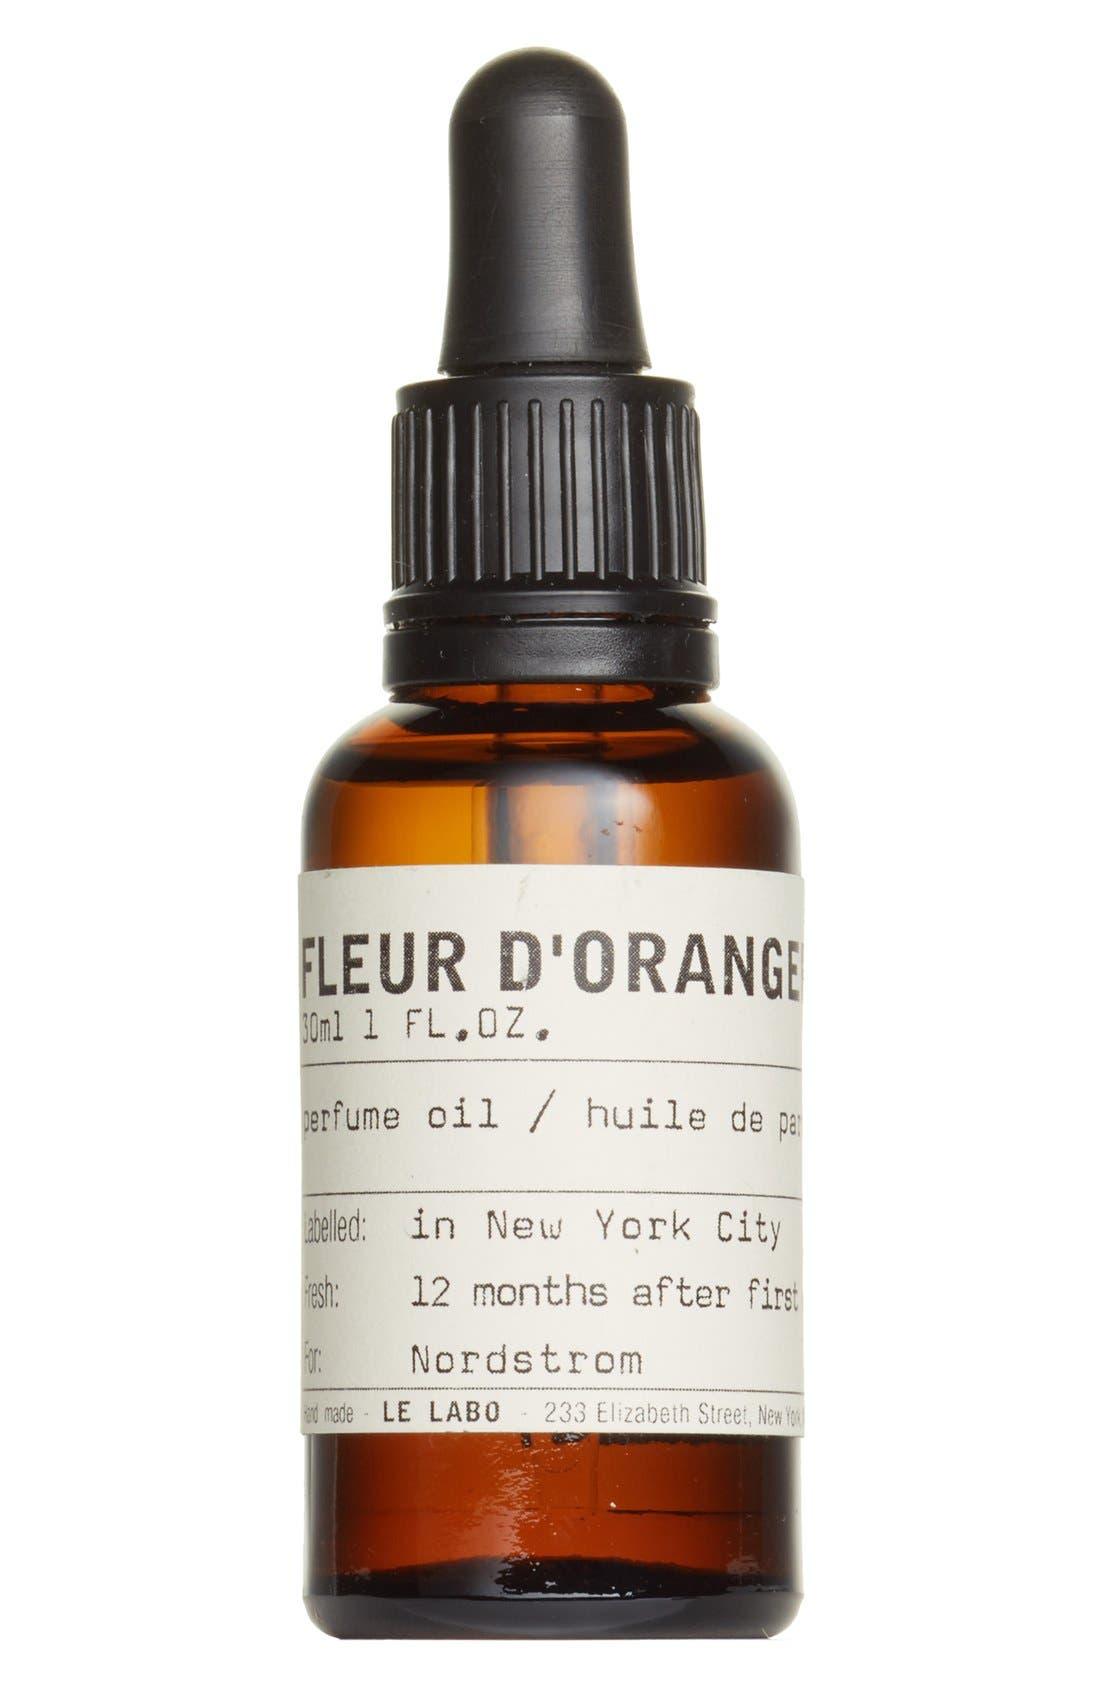 Le Labo 'Fleur d'Oranger 27' Perfume Oil